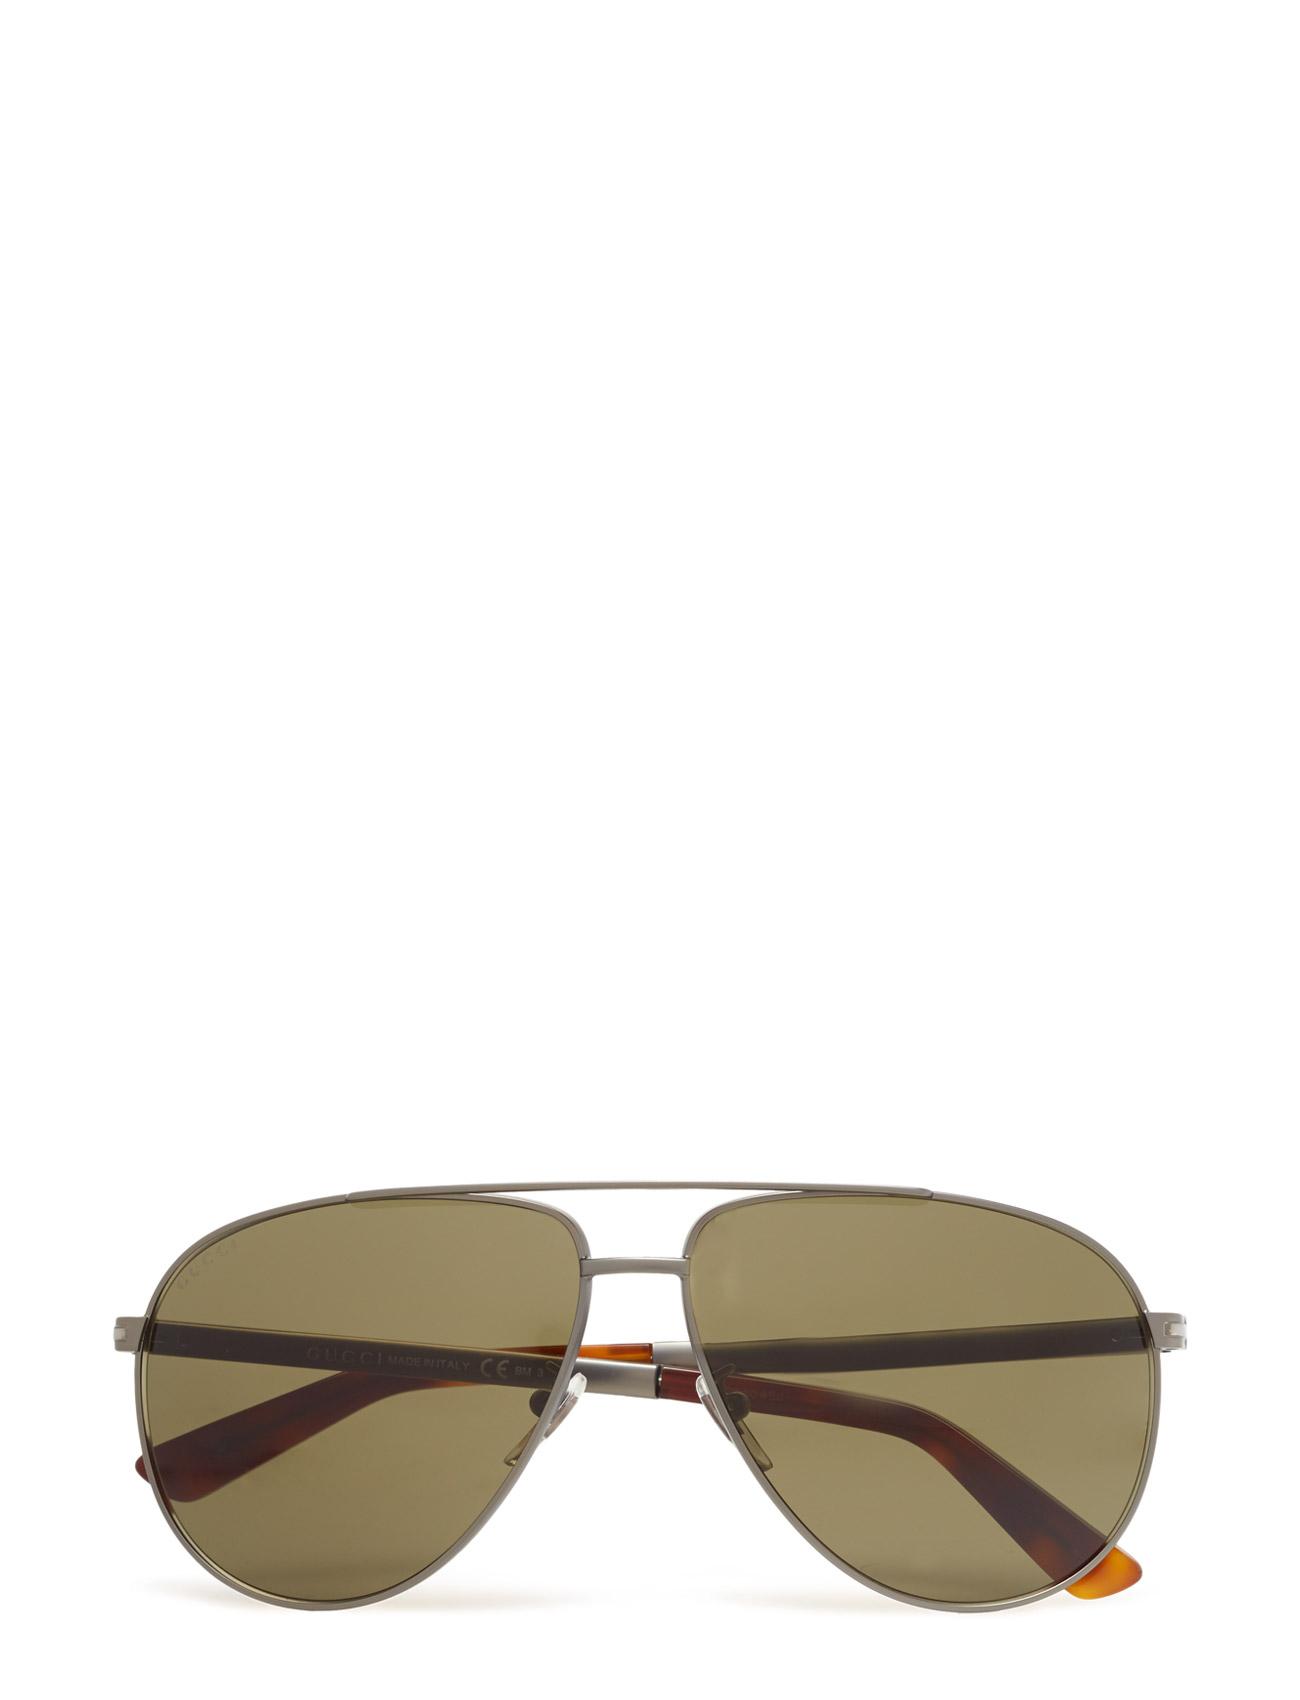 Gg 2269/S Gucci Sunglasses Solbriller til Herrer i